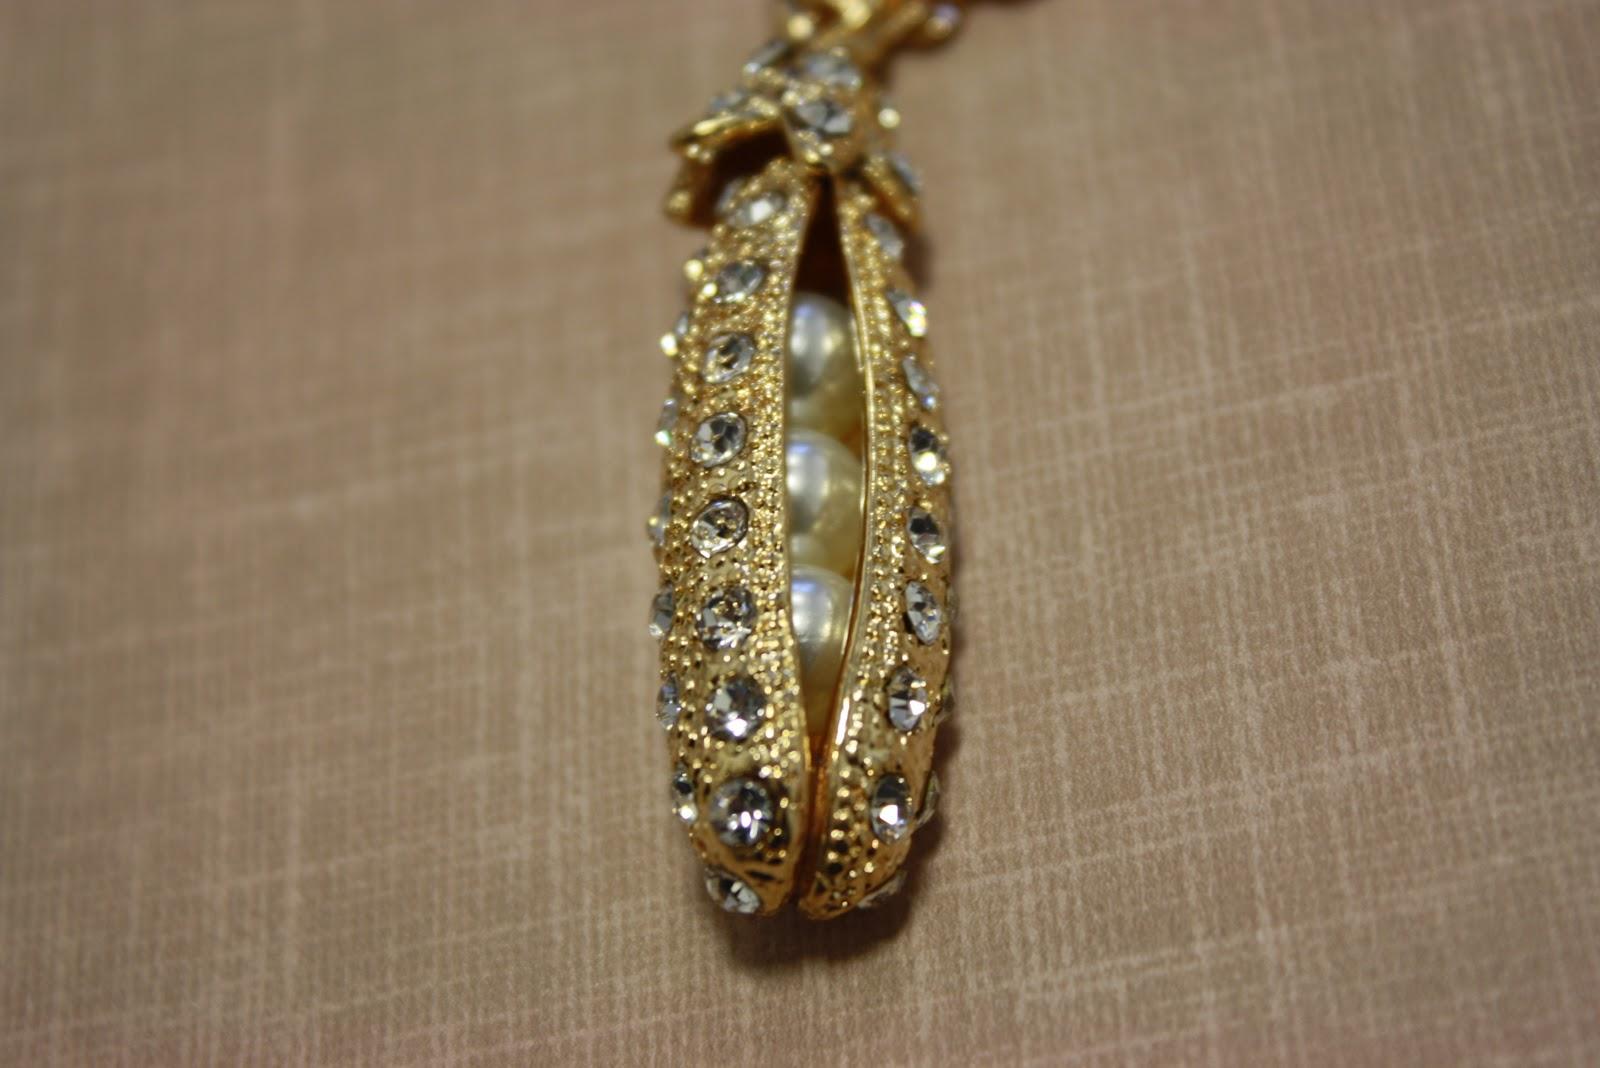 http://3.bp.blogspot.com/_VCR4kMb0G6E/TK4_kKb6HDI/AAAAAAAAAG8/gqj4szF0ceg/s1600/fashion+fast+items+050.JPG